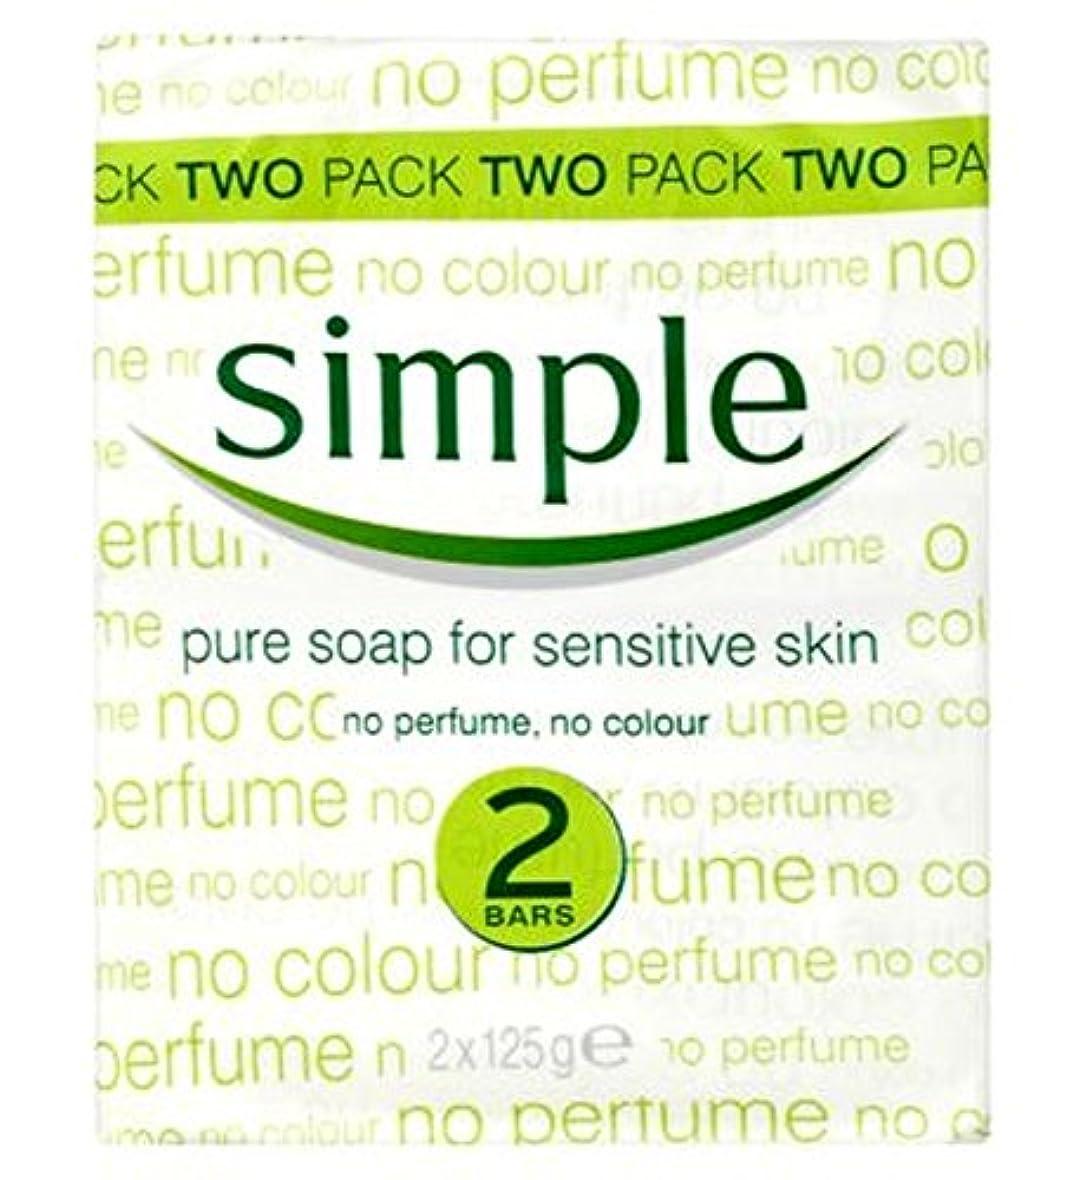 置くためにパック正規化アシスタントSimple Pure Soap Bar for Sensitive Skin 2 x 125g - 敏感肌2のX 125グラムのためのシンプルな、純粋な石鹸バー (Simple) [並行輸入品]